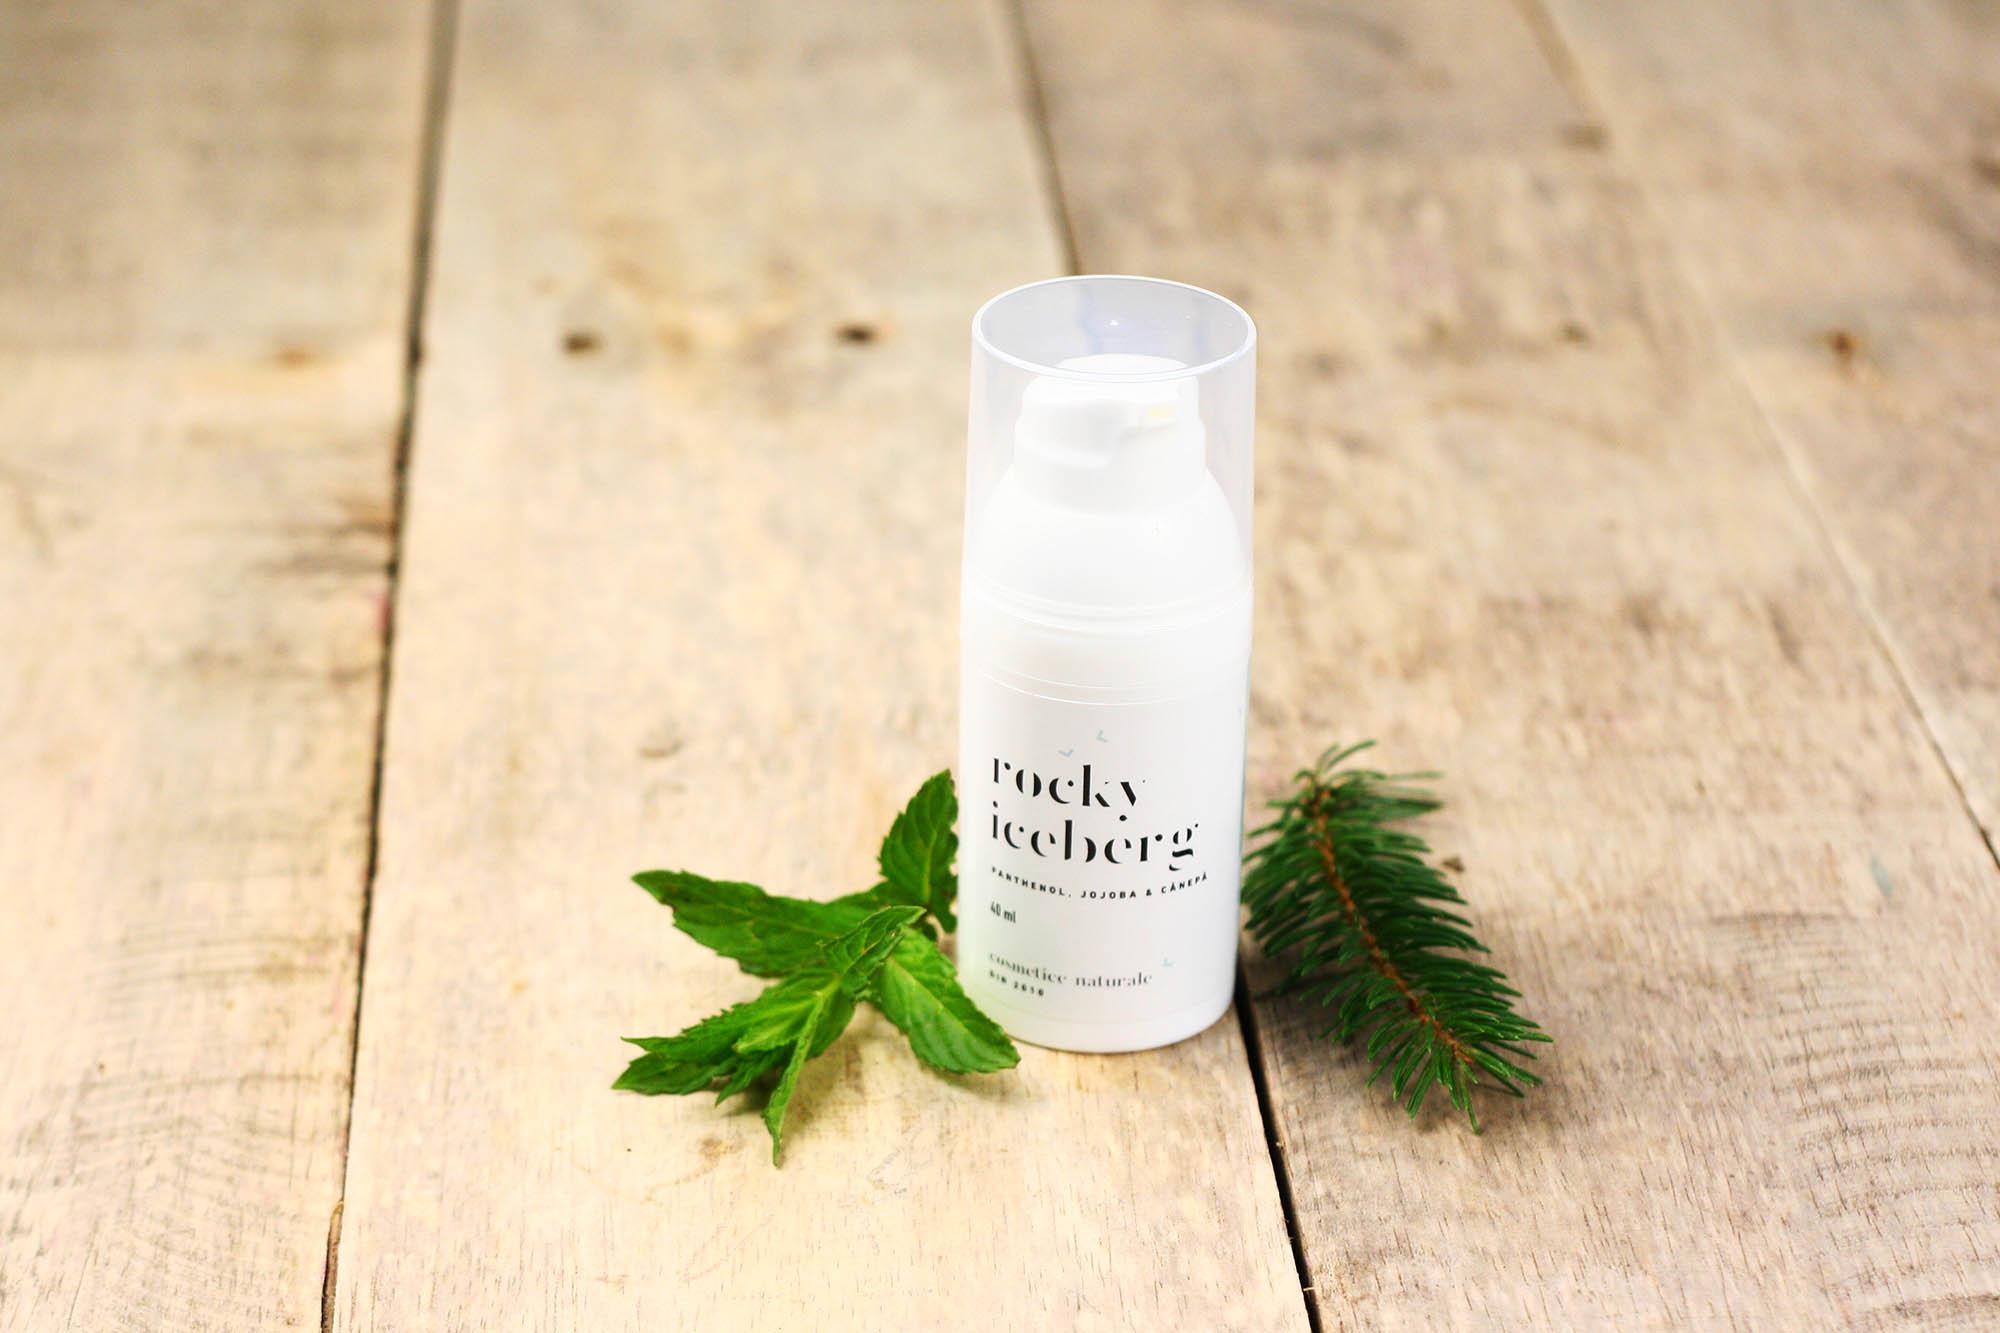 Aftershave (cremă de barbă) hidratant cu panthenol, jojoba şi cânepă - Rocky Iceberg | Endea - Tested on friends